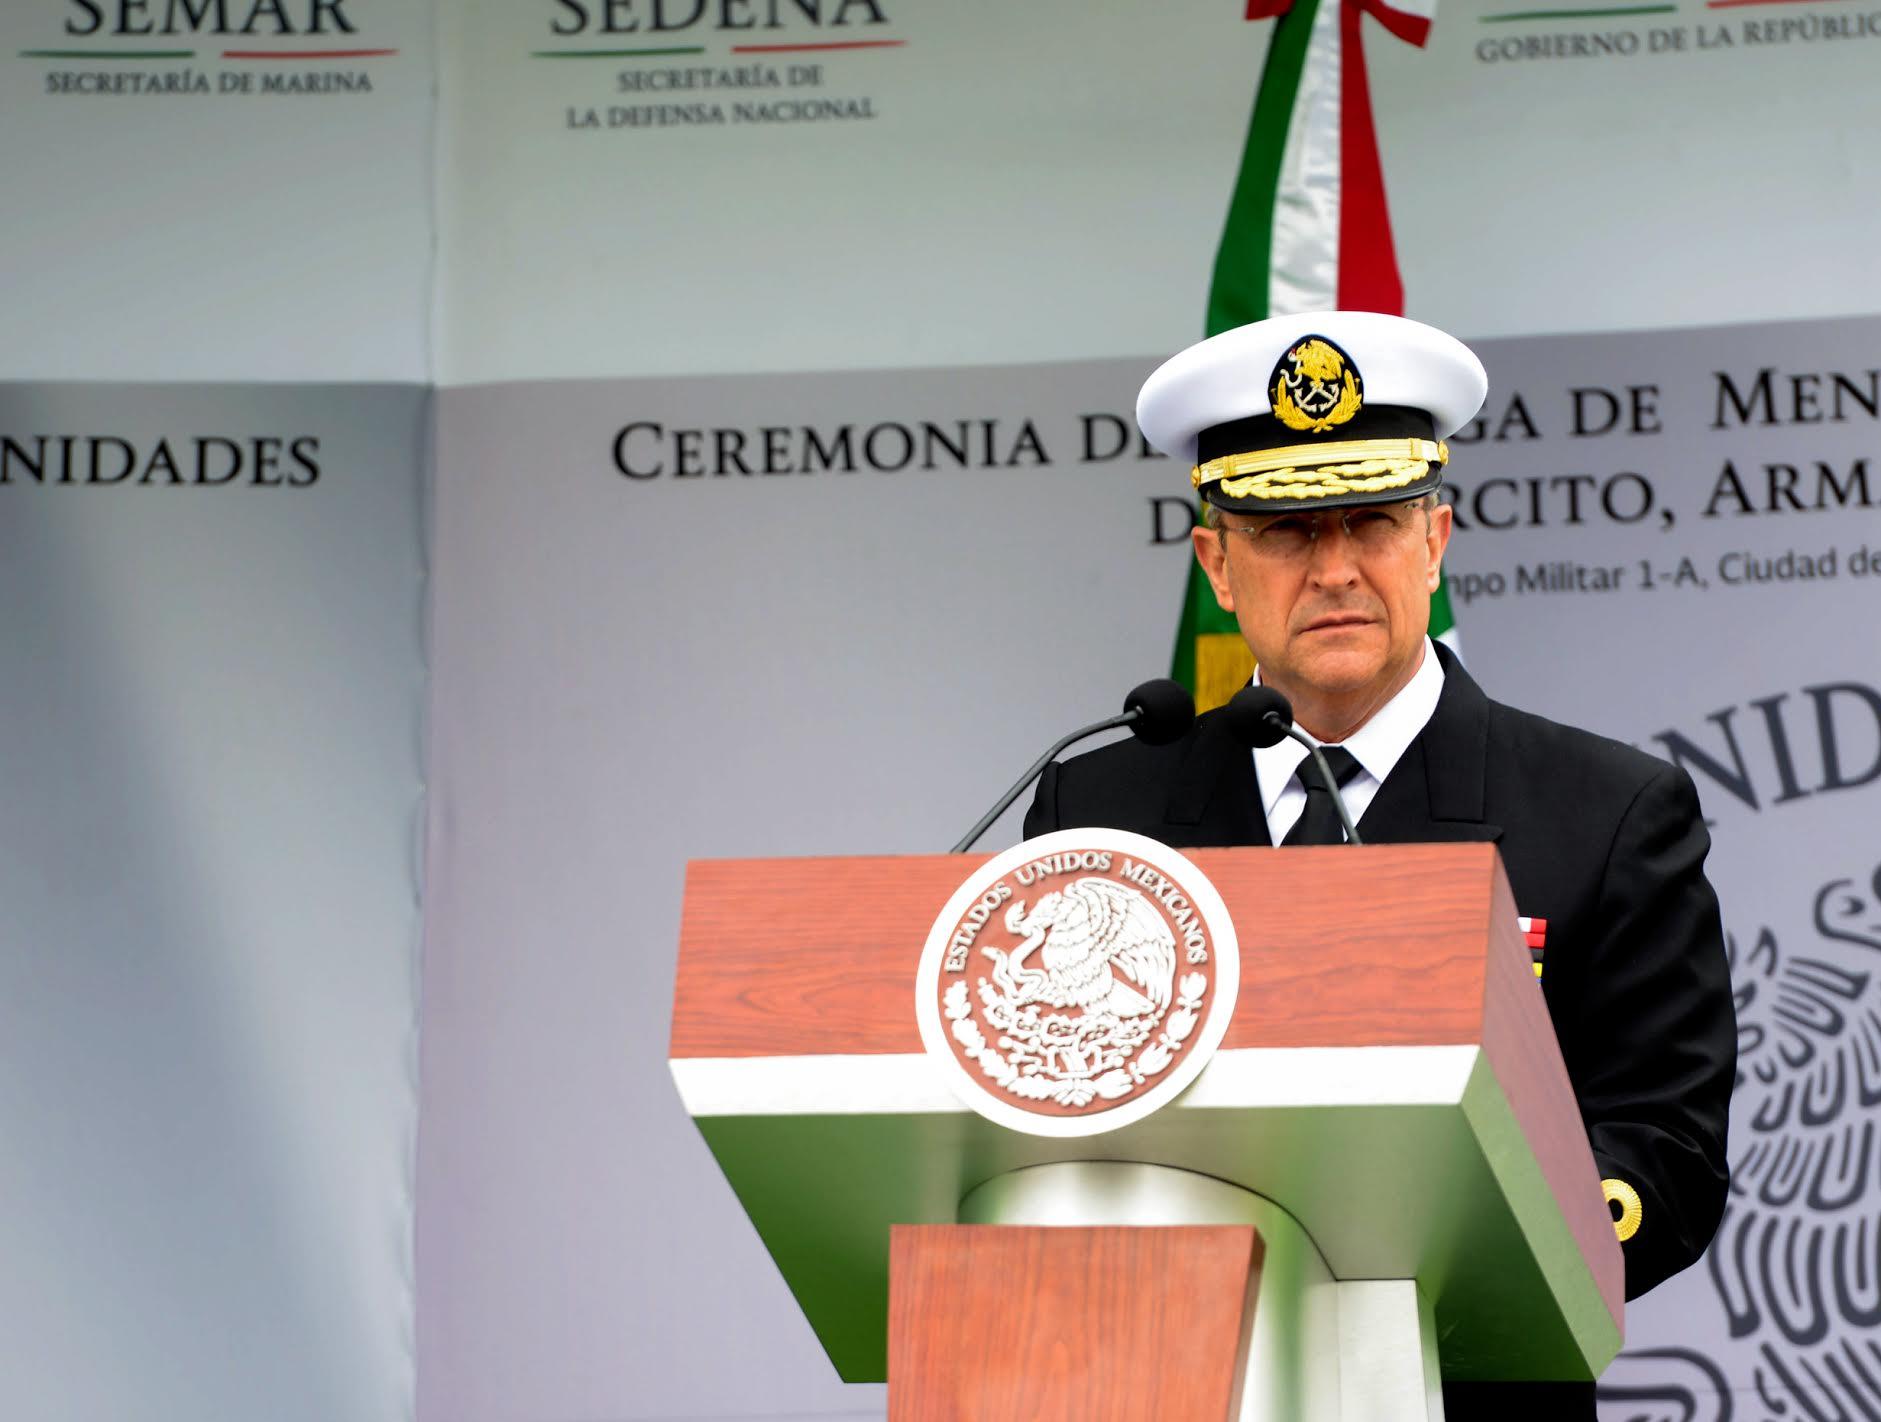 """""""Ustedes, han hecho posible llevar ante la justicia a perseguidos criminales que tanto dañan a la sociedad"""": Almirante Vidal Francisco Soberón Sanz."""